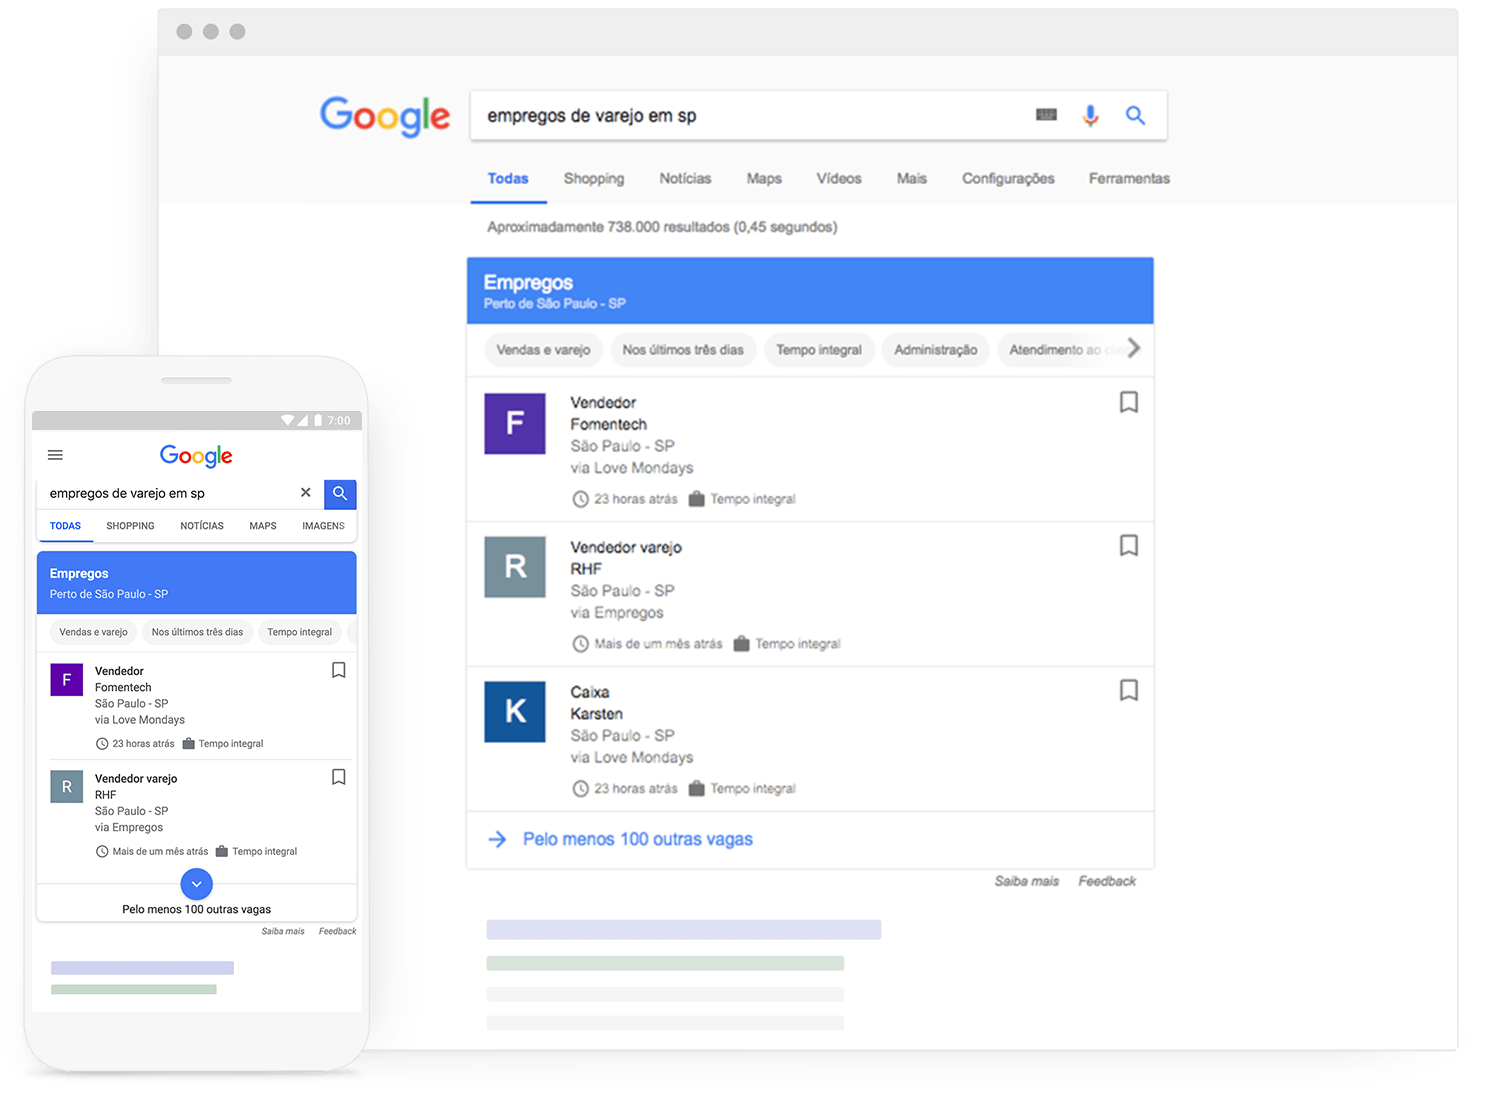 Faça com que seus anúncios de emprego sejam encontrados por milhões de candidatos que pesquisam no Google todos os dias.